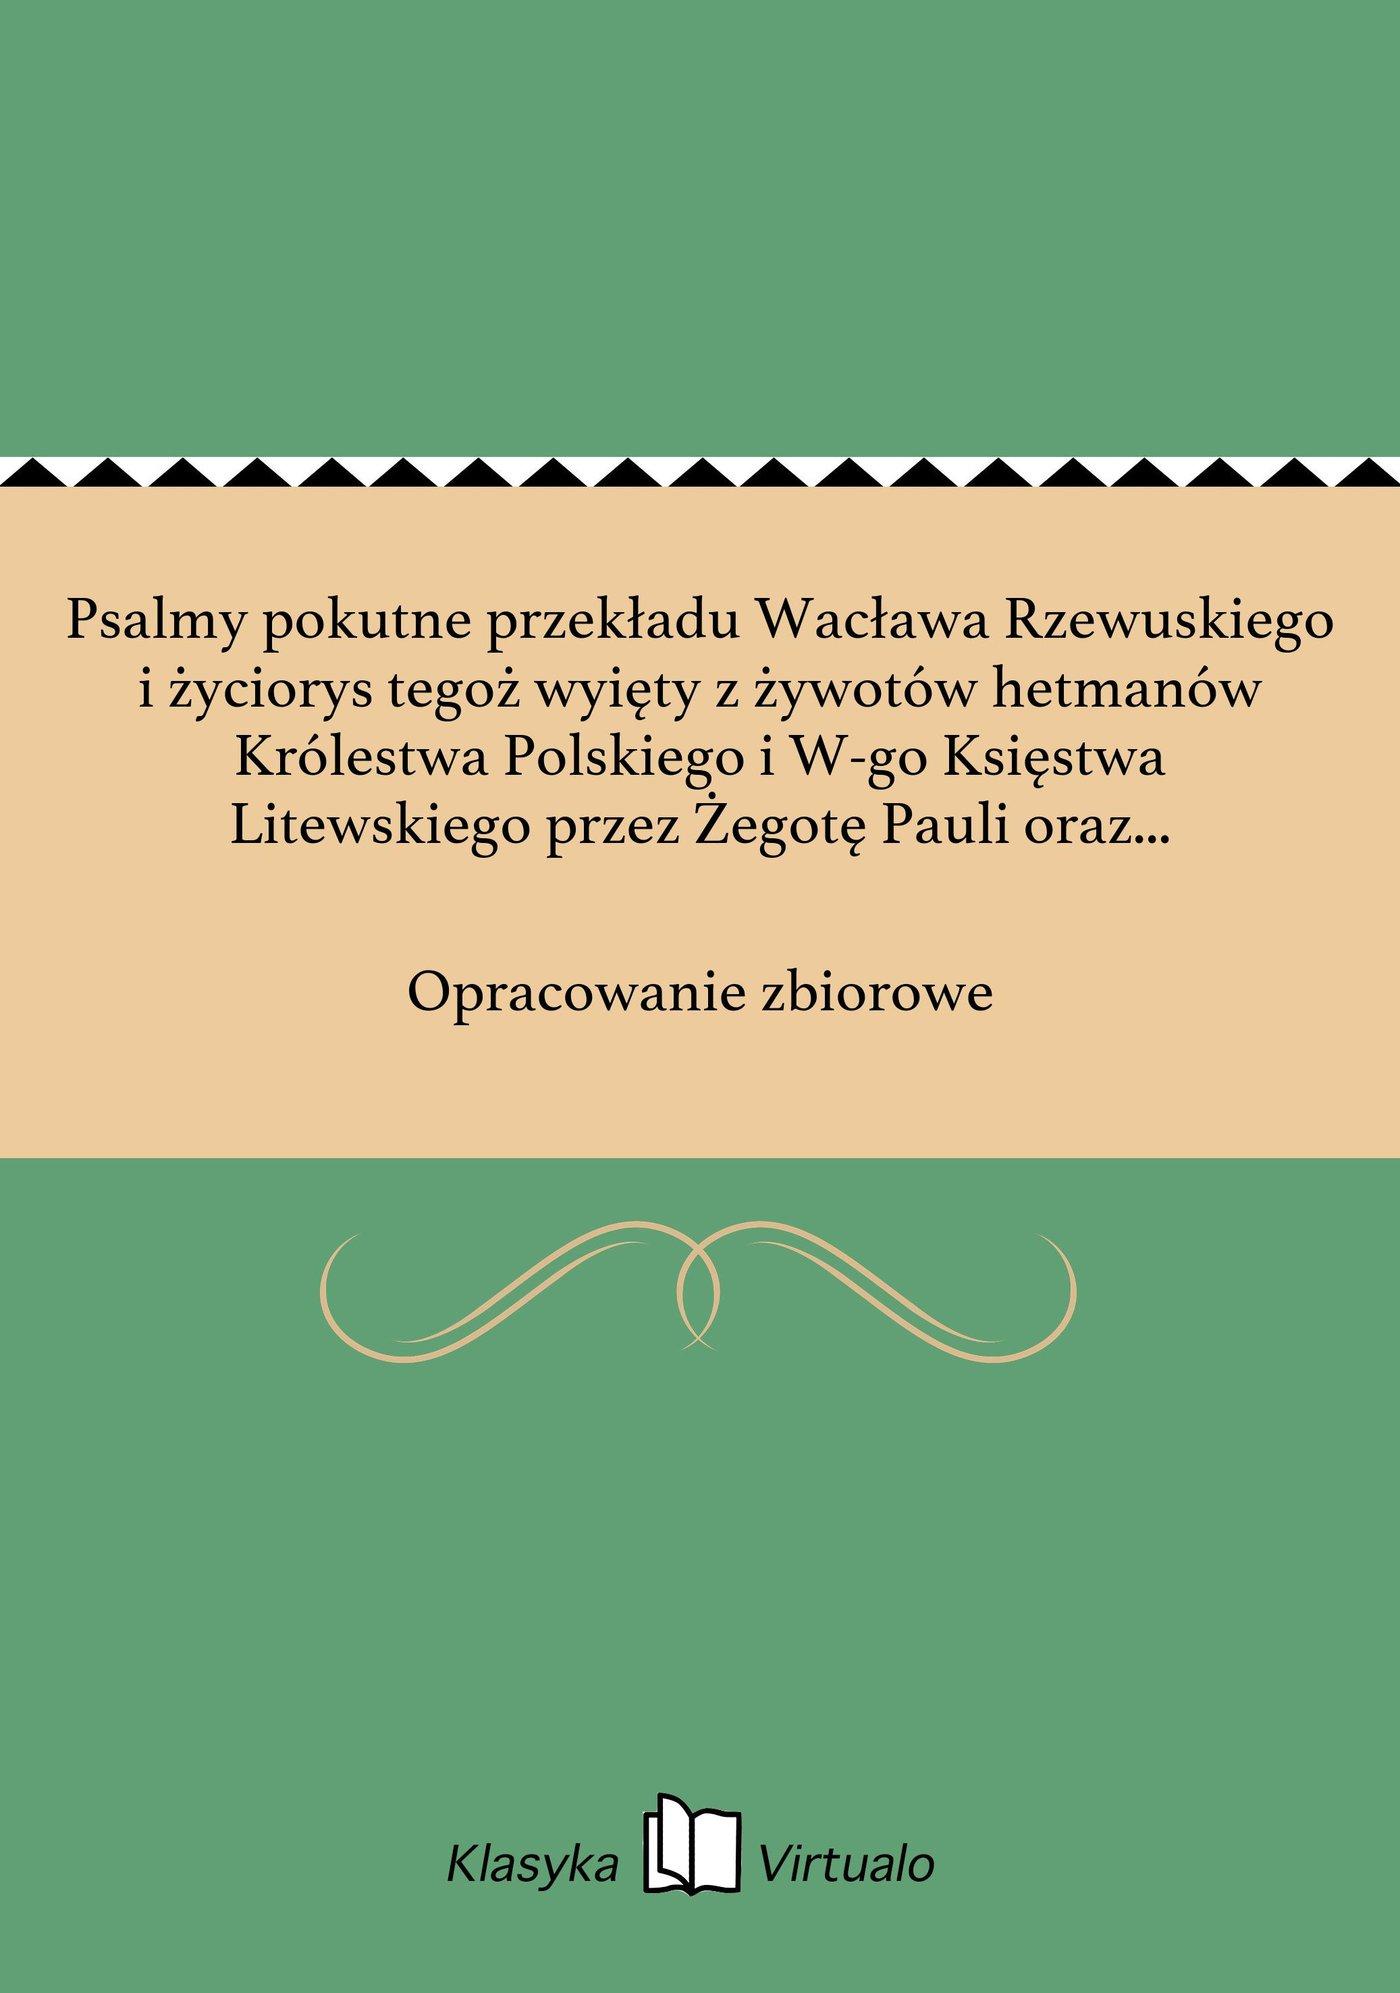 Psalmy pokutne przekładu Wacława Rzewuskiego i życiorys tegoż wyięty z żywotów hetmanów Królestwa Polskiego i W-go Księstwa Litewskiego przez Żegotę Pauli oraz z kroniki podhoreckiej przez L. R ... z dodaniem listu Adama Wawrz. Rzewuskiego K. - Ebook (Książka na Kindle) do pobrania w formacie MOBI